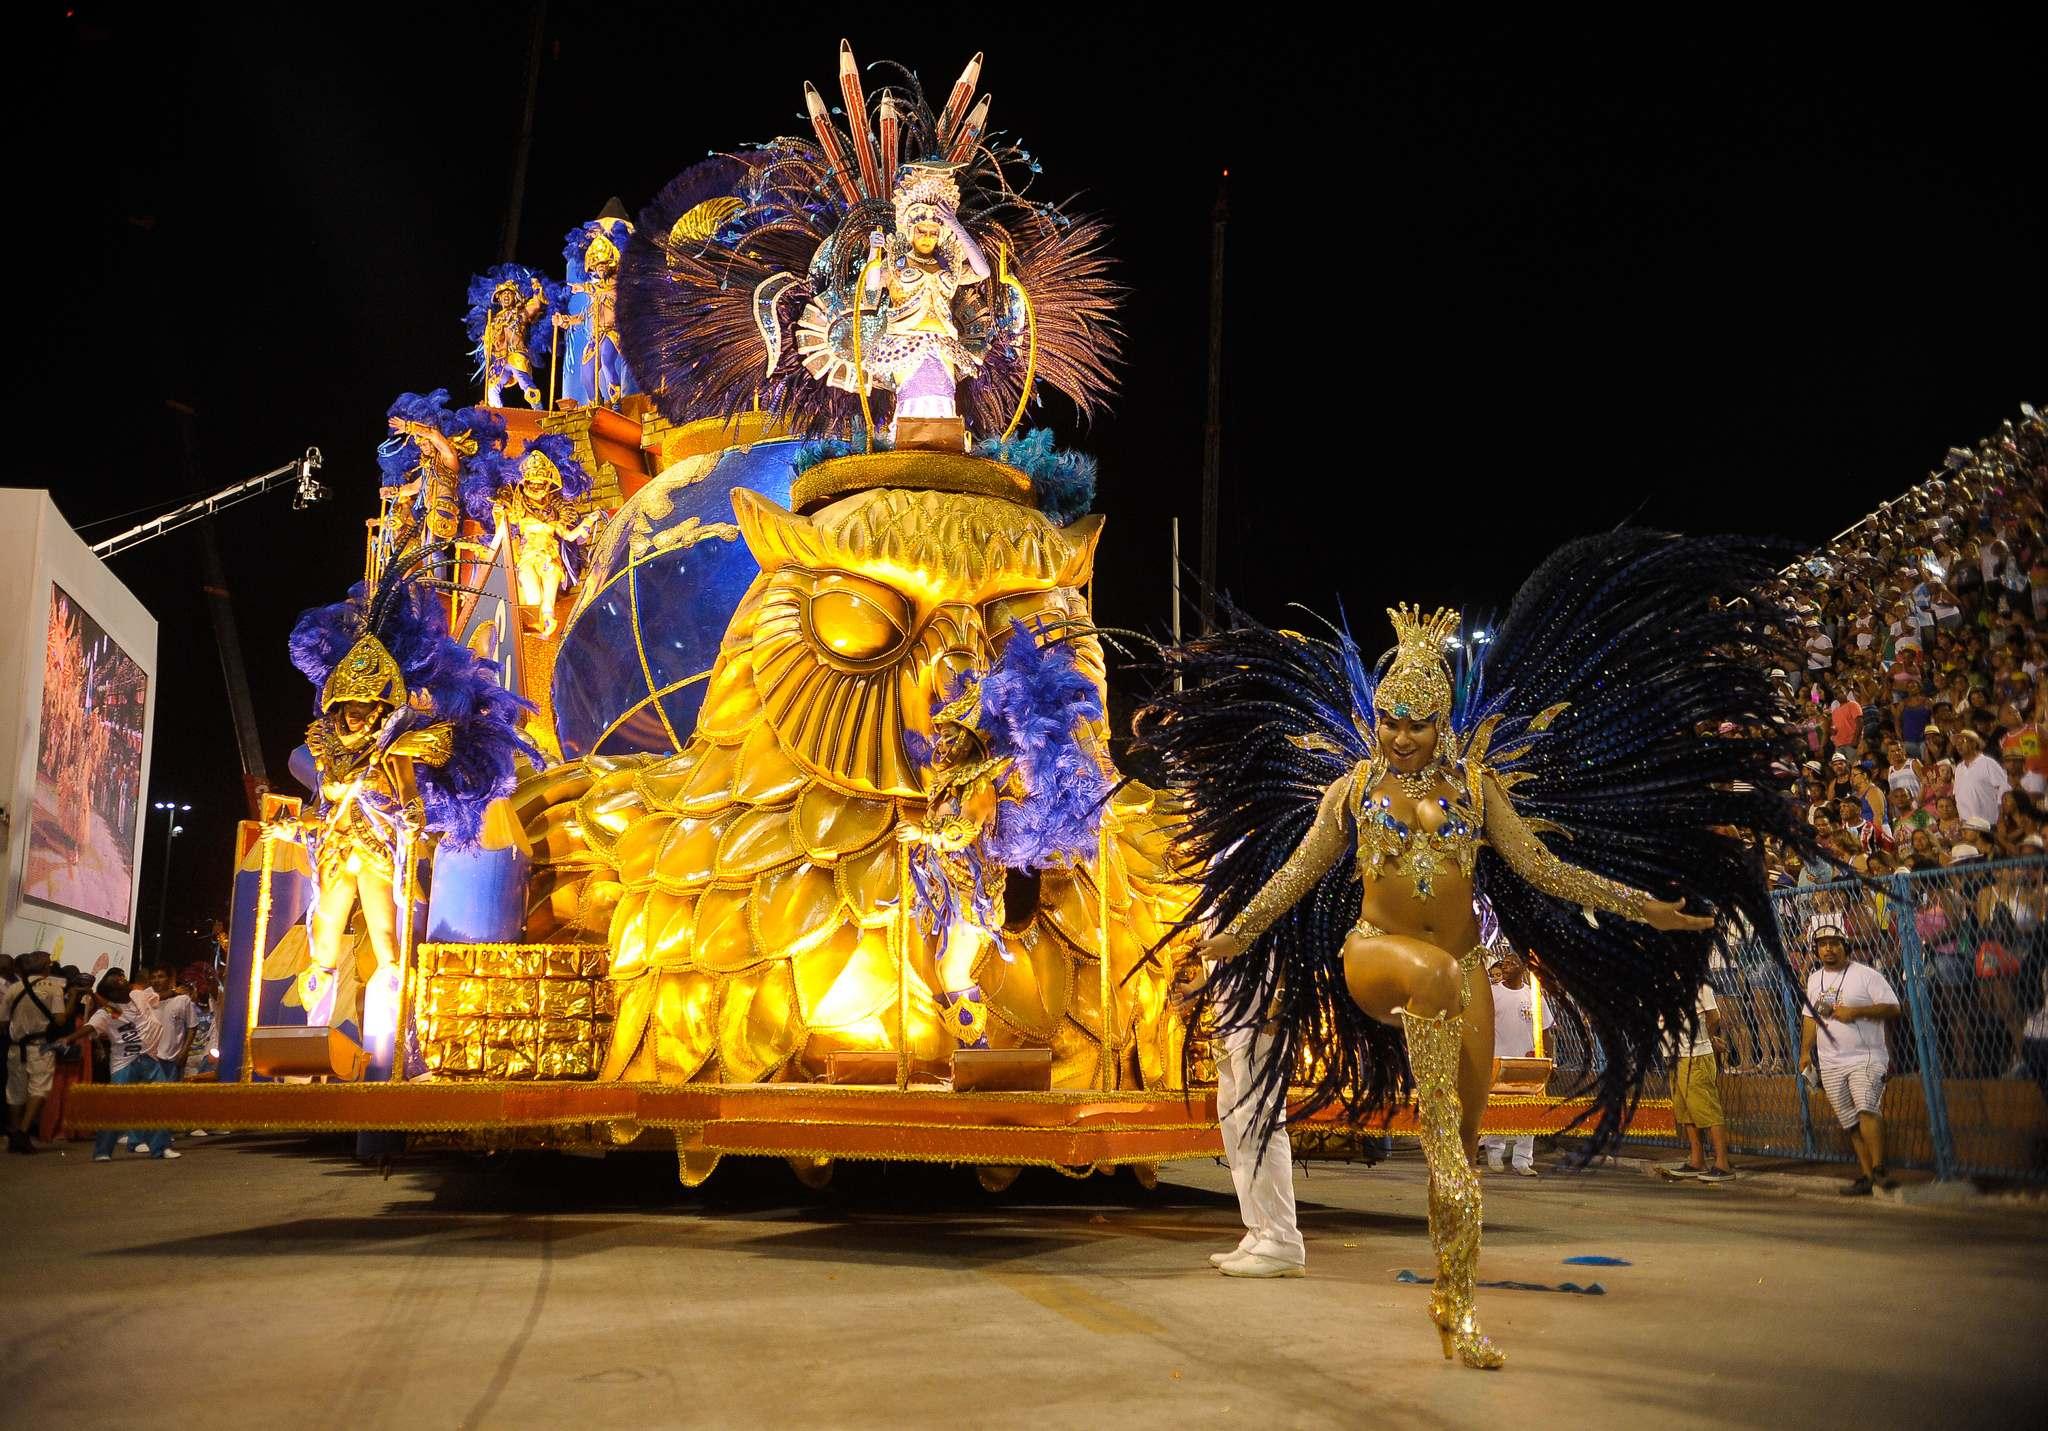 rio de janeiro 20164 Vila Isabel at Carnival in Rio de Janeiro